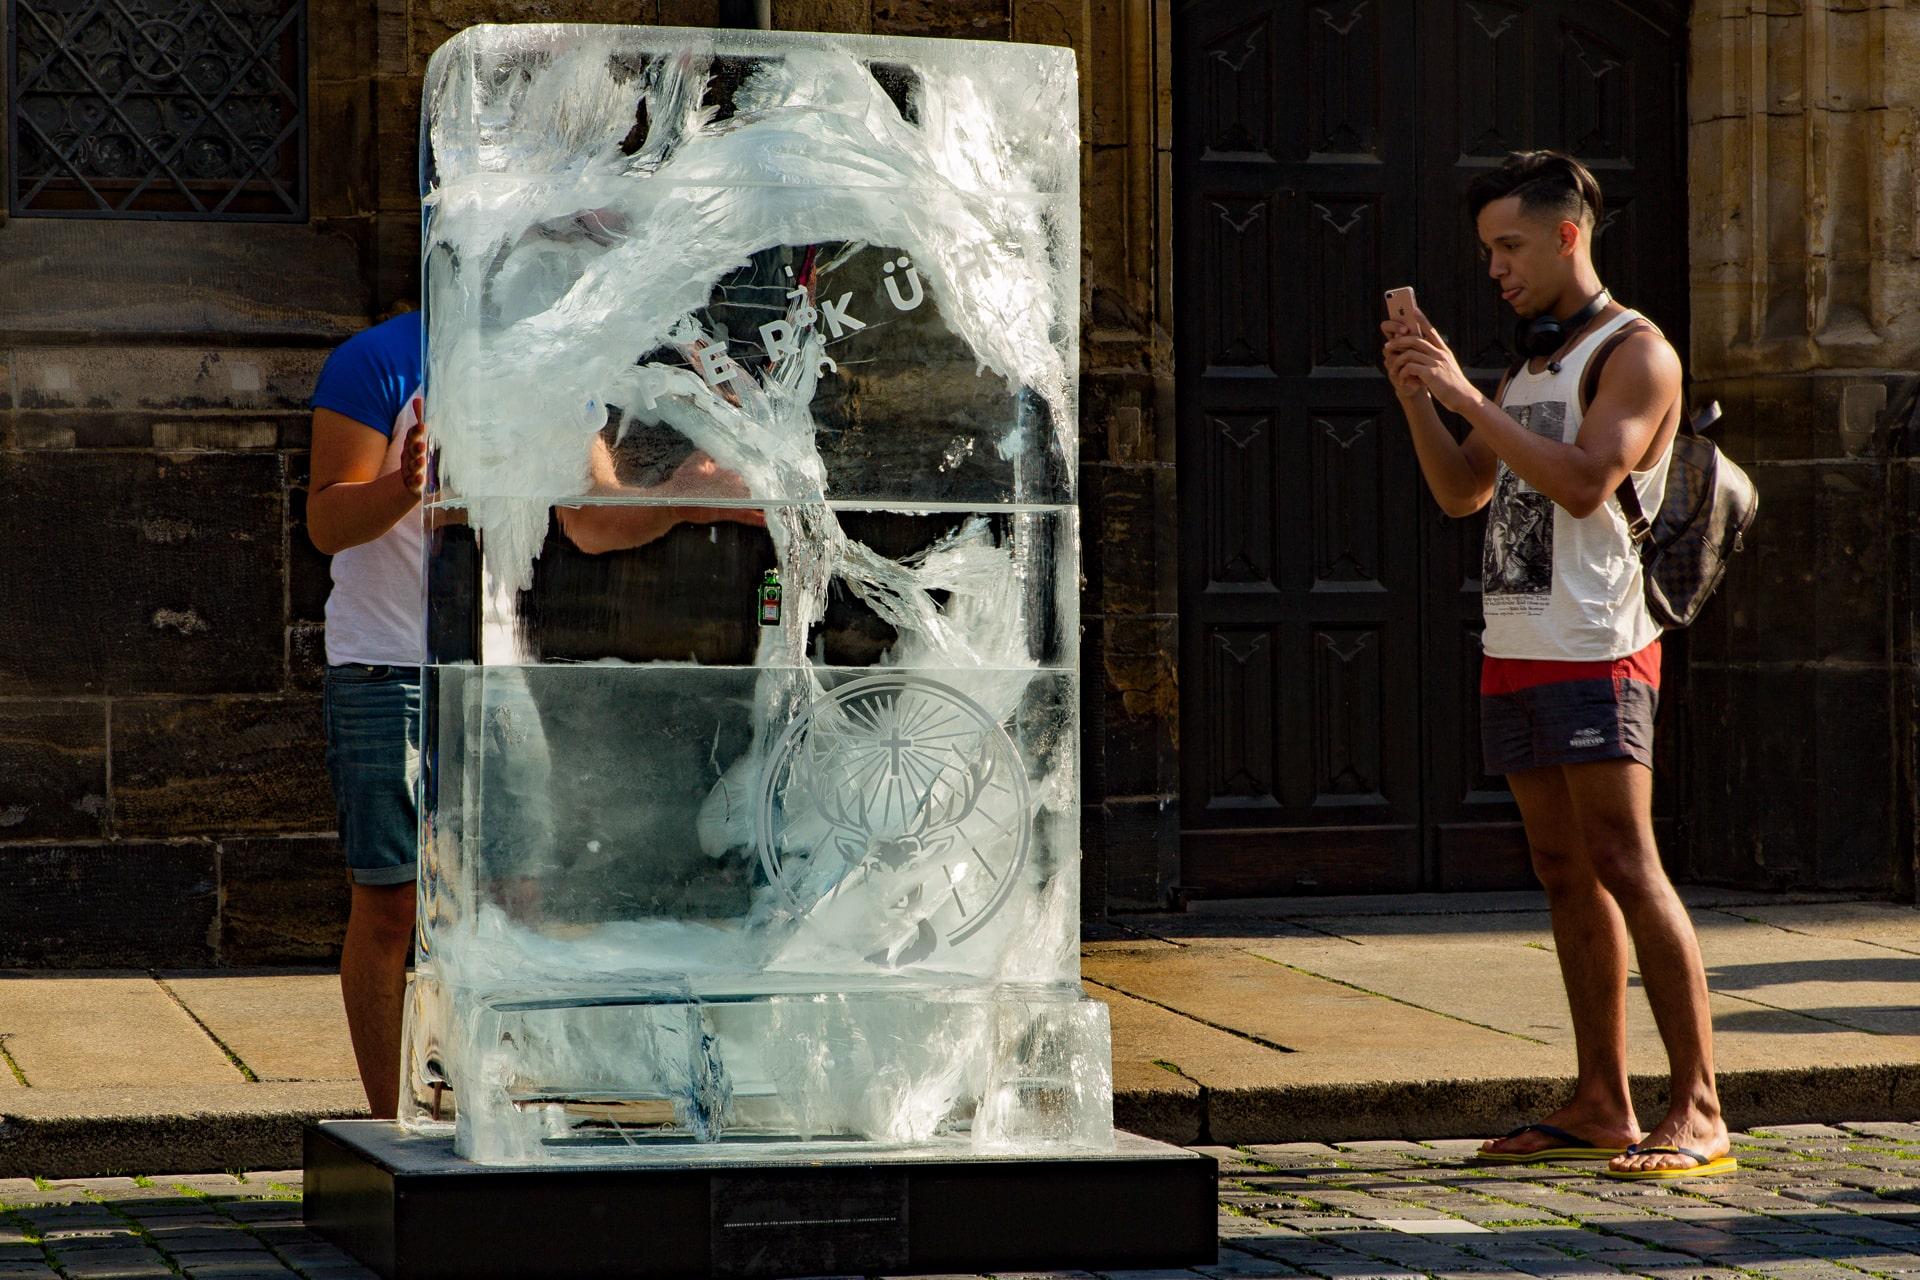 Ein Mann berührt Eisblock und ein anderer Mann fotografiert das Eis-Plakat von Jägermeister